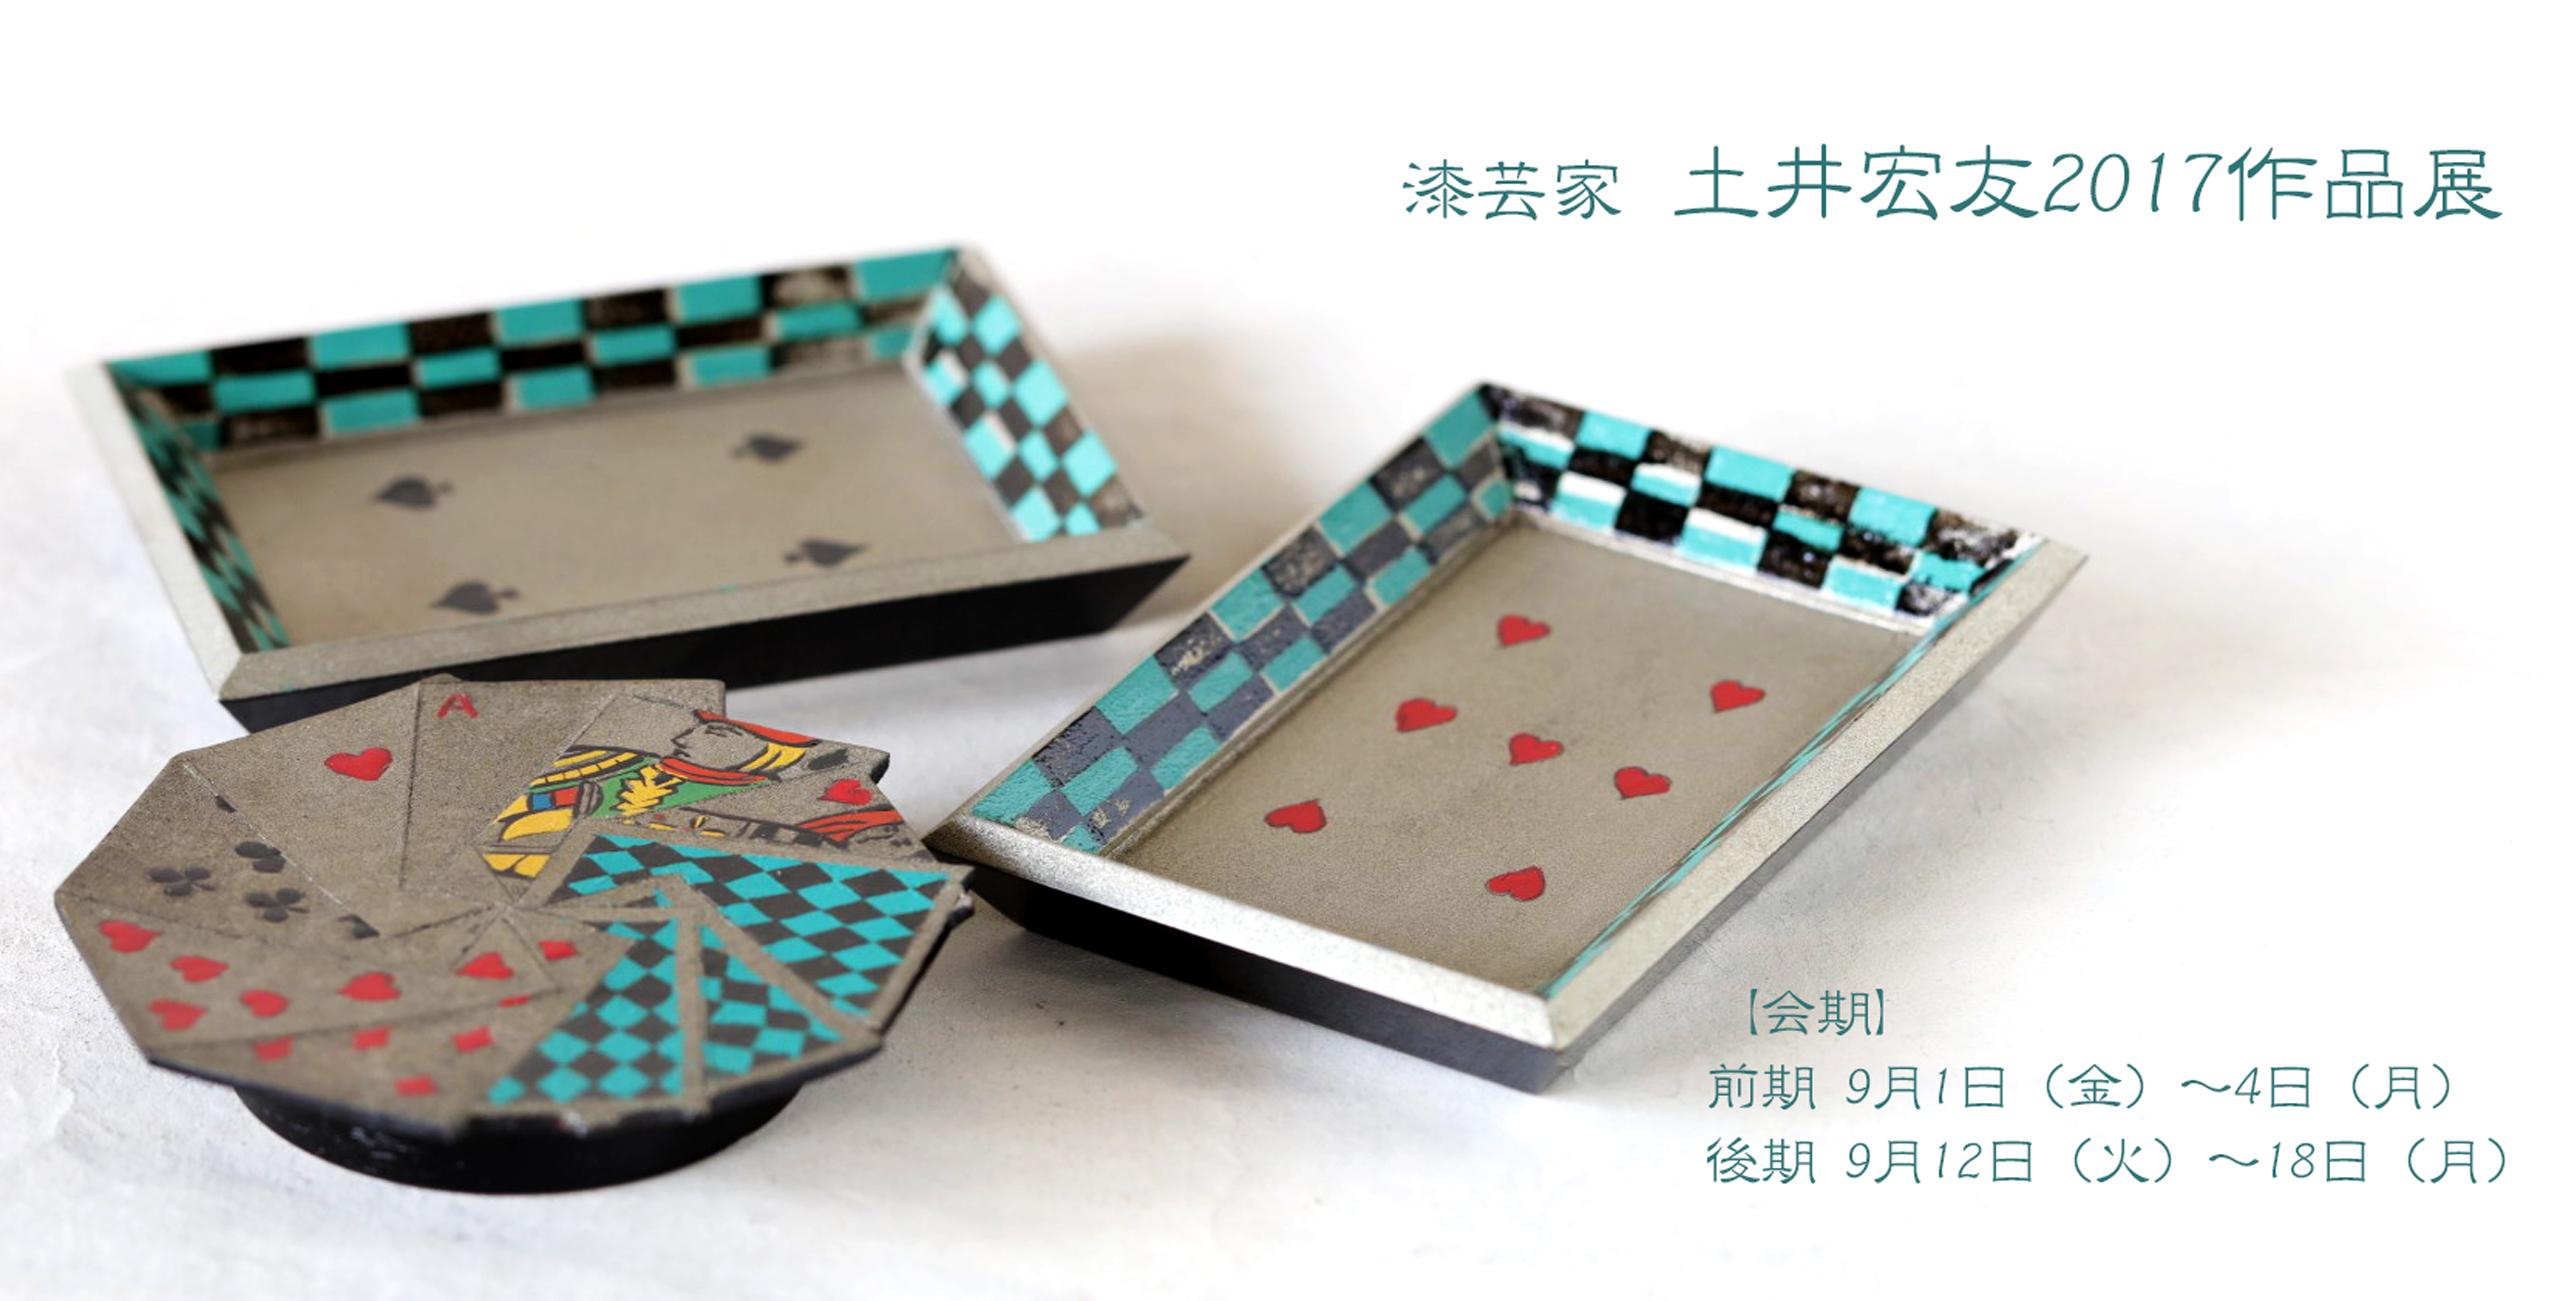 芦屋の陶芸ギャラリー|Abundante(アバンダンテ)